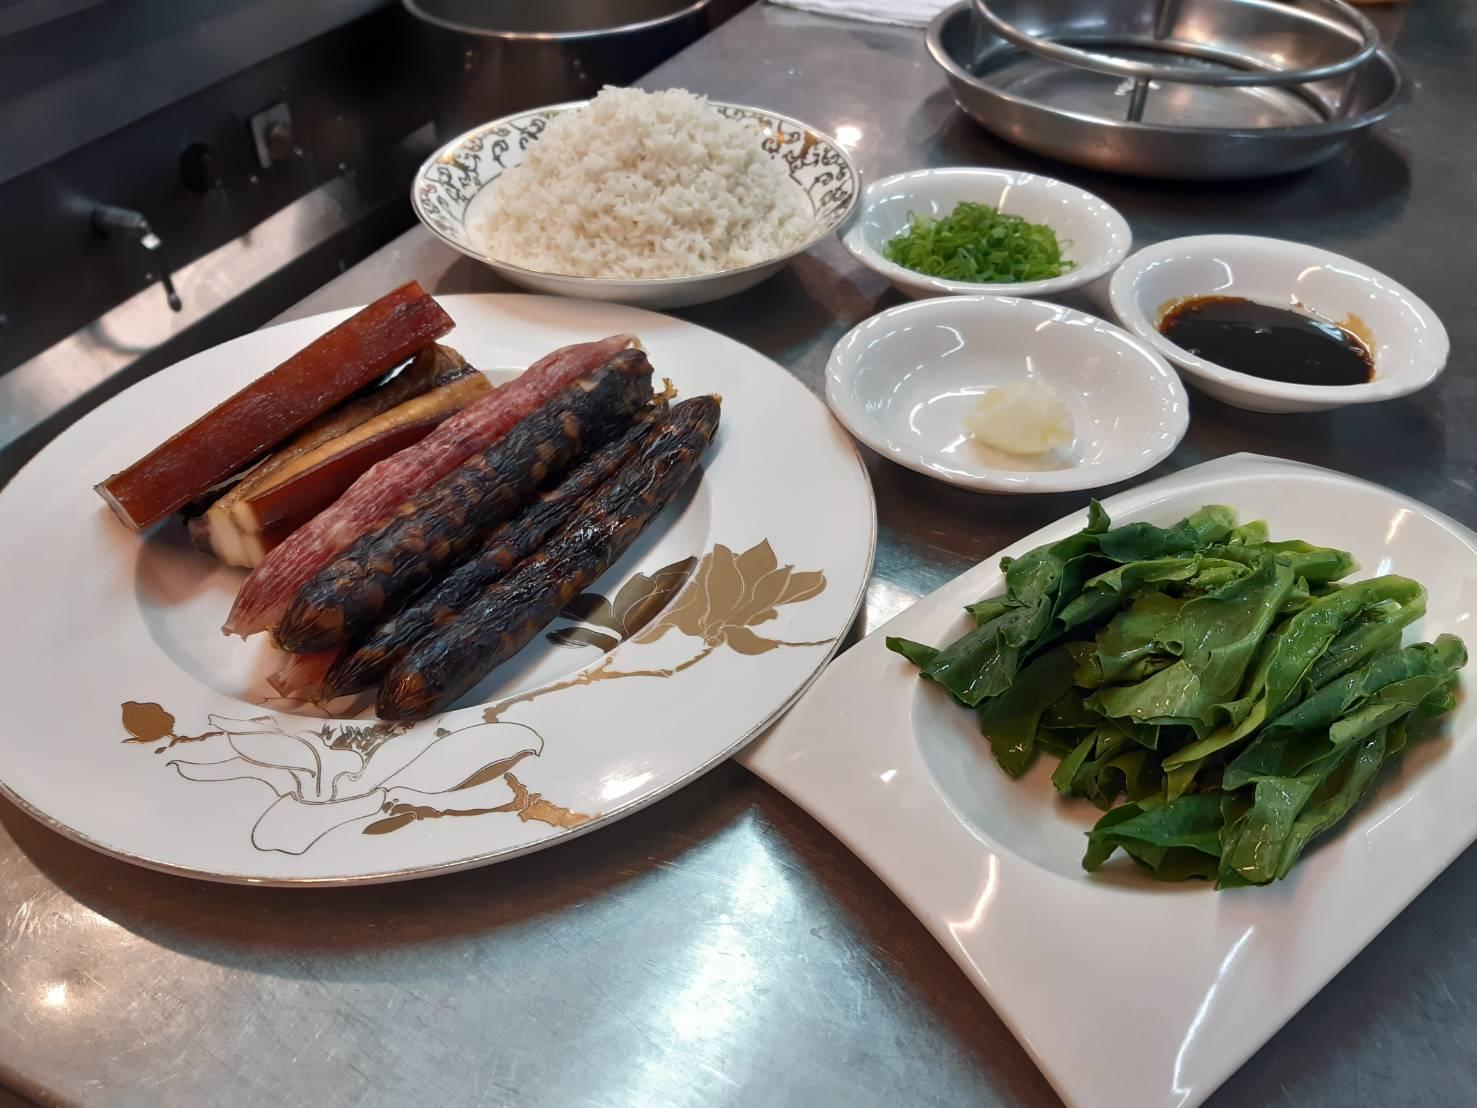 製作臘味煲仔飯的材料,其中臘味是大三元跟合作了幾十年的香港師傅拿的。